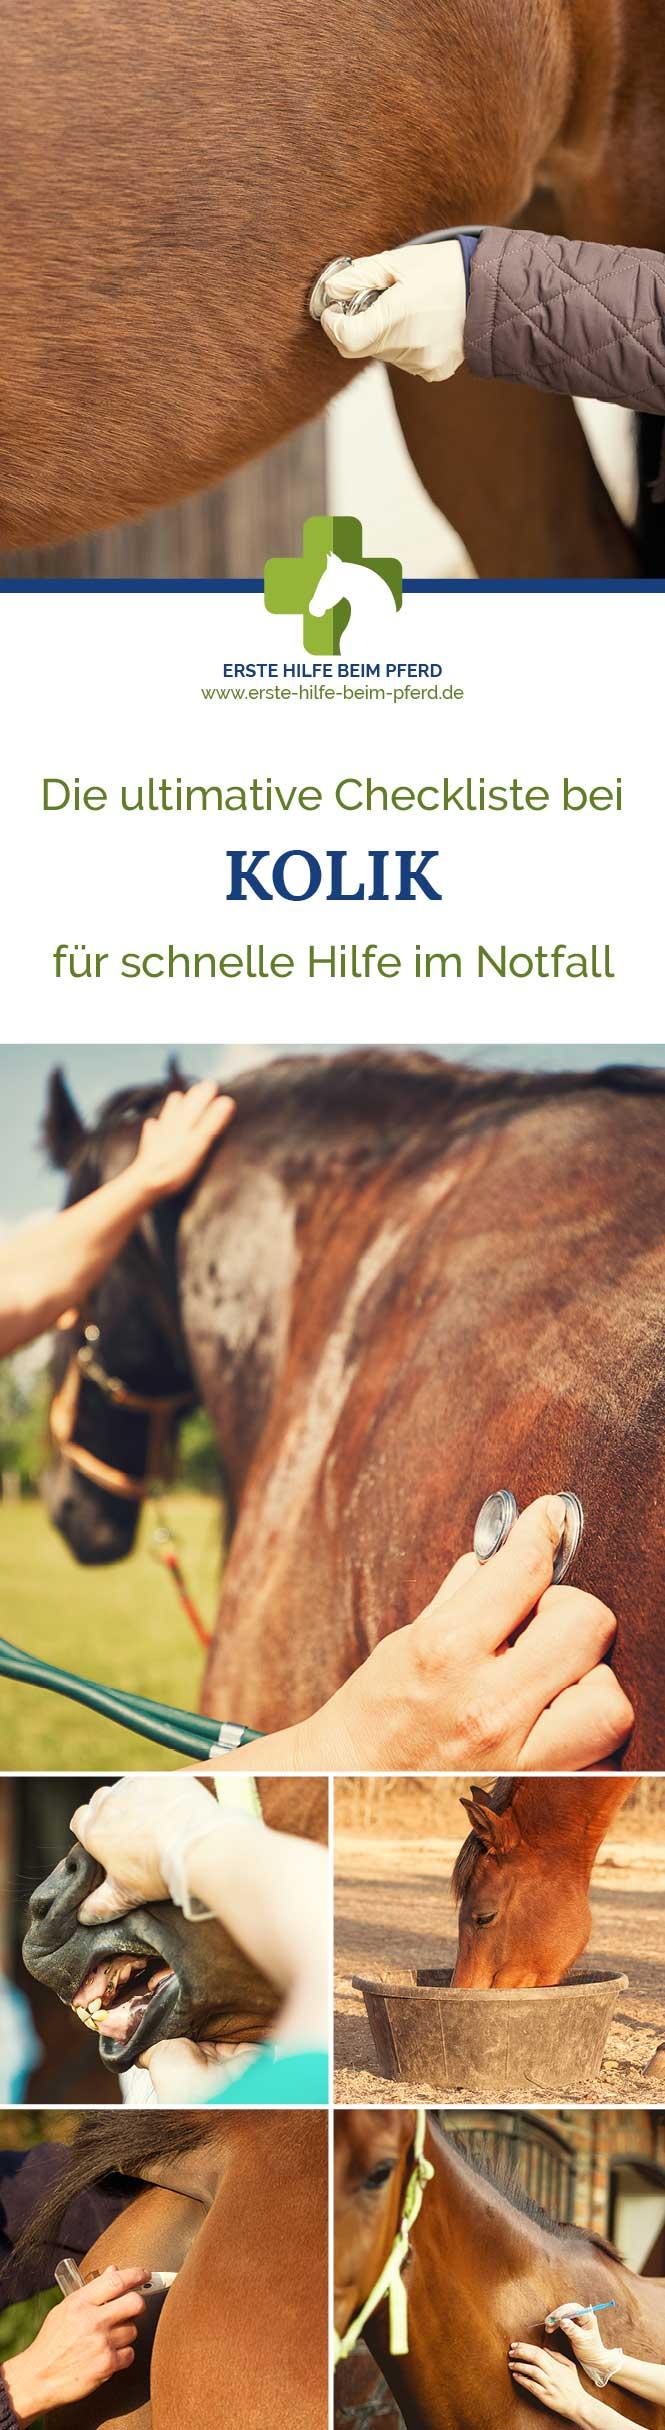 Checkliste für Kolik beim Pferd.